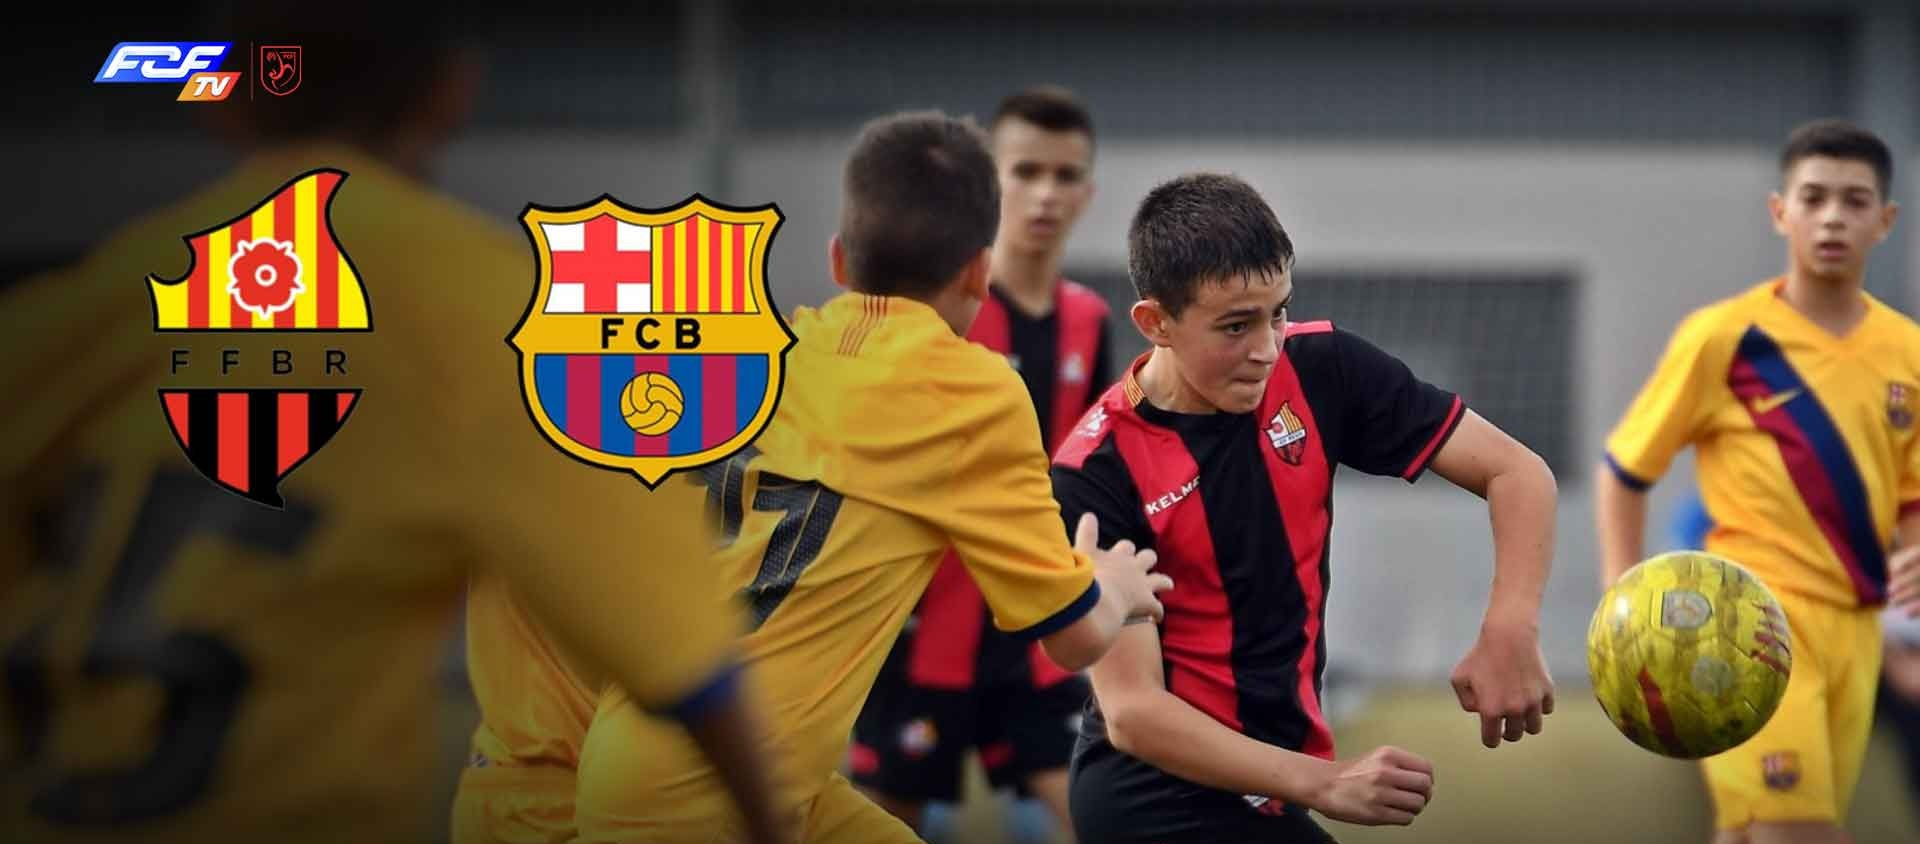 L'FCF TV retransmetrà el partit infantil FF Base Reus-FC Barcelona